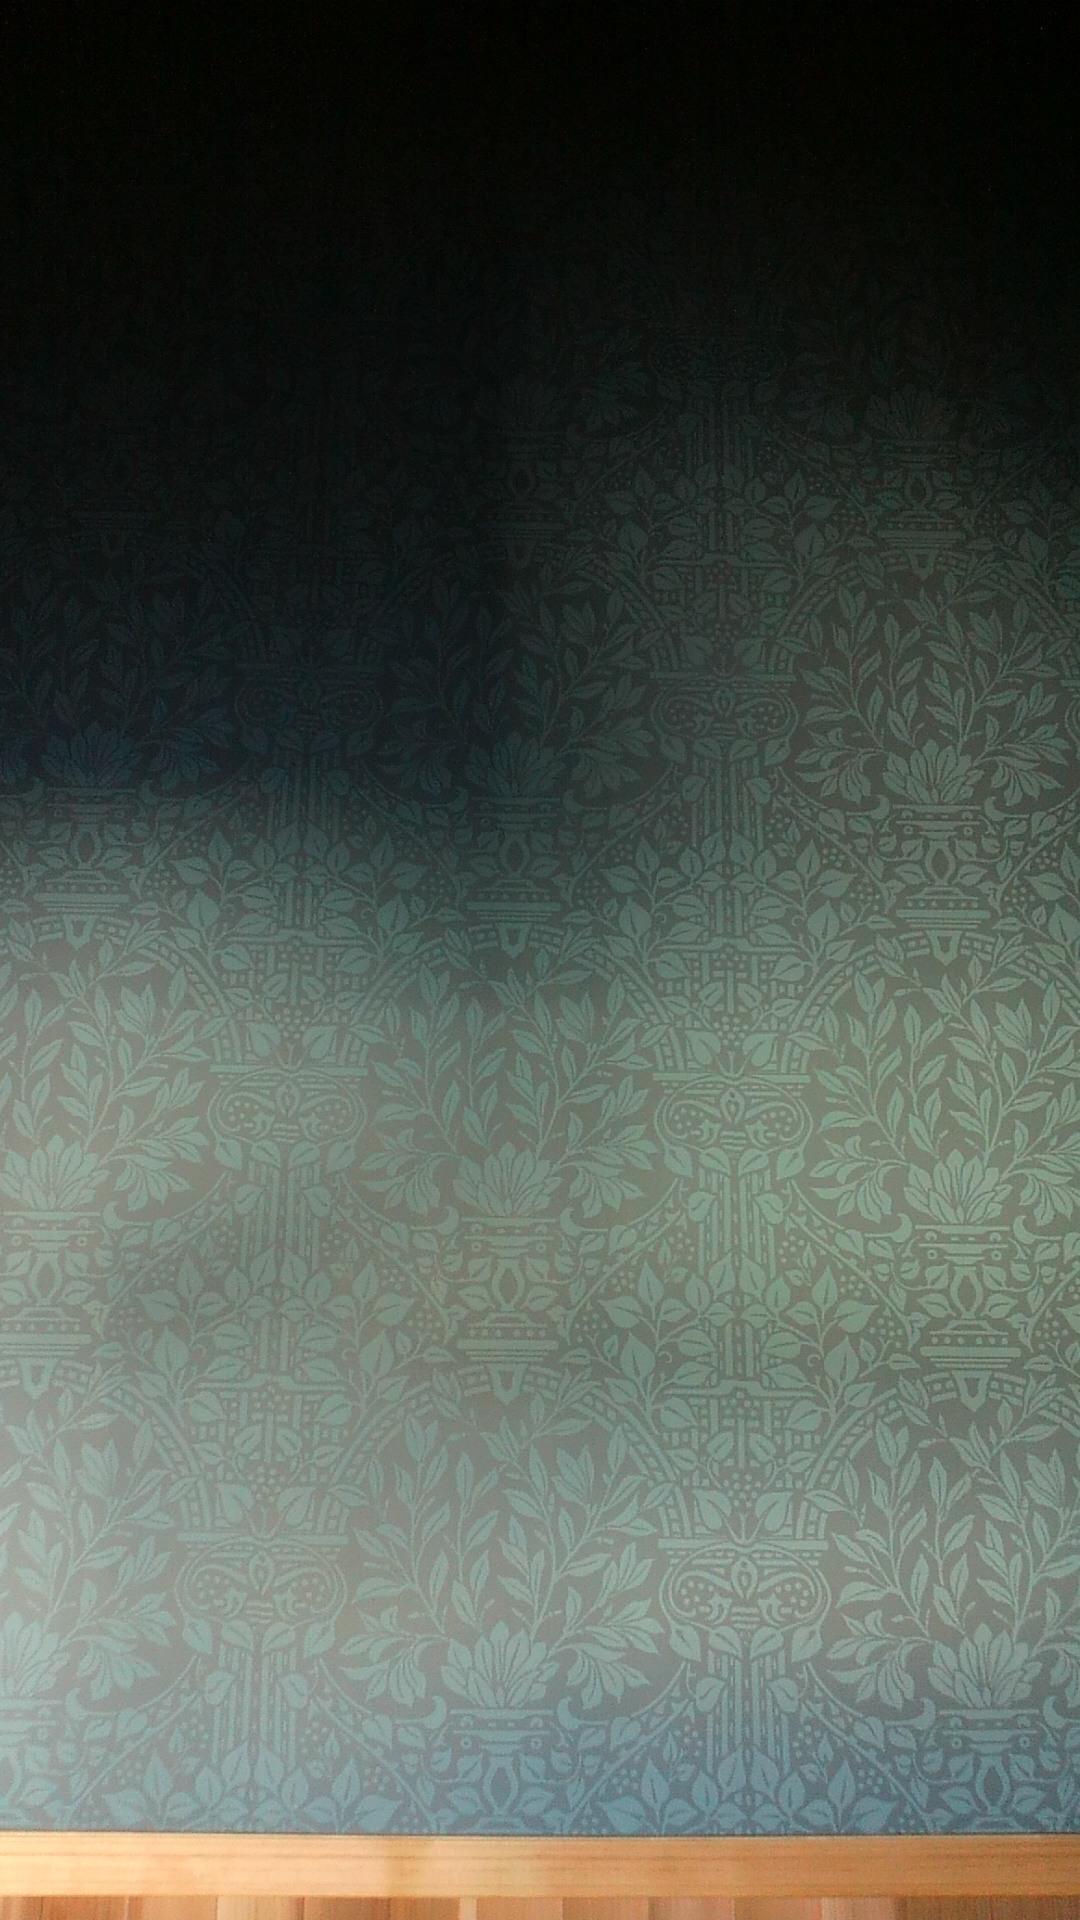 モリスの壁紙 _c0157866_13461785.jpg